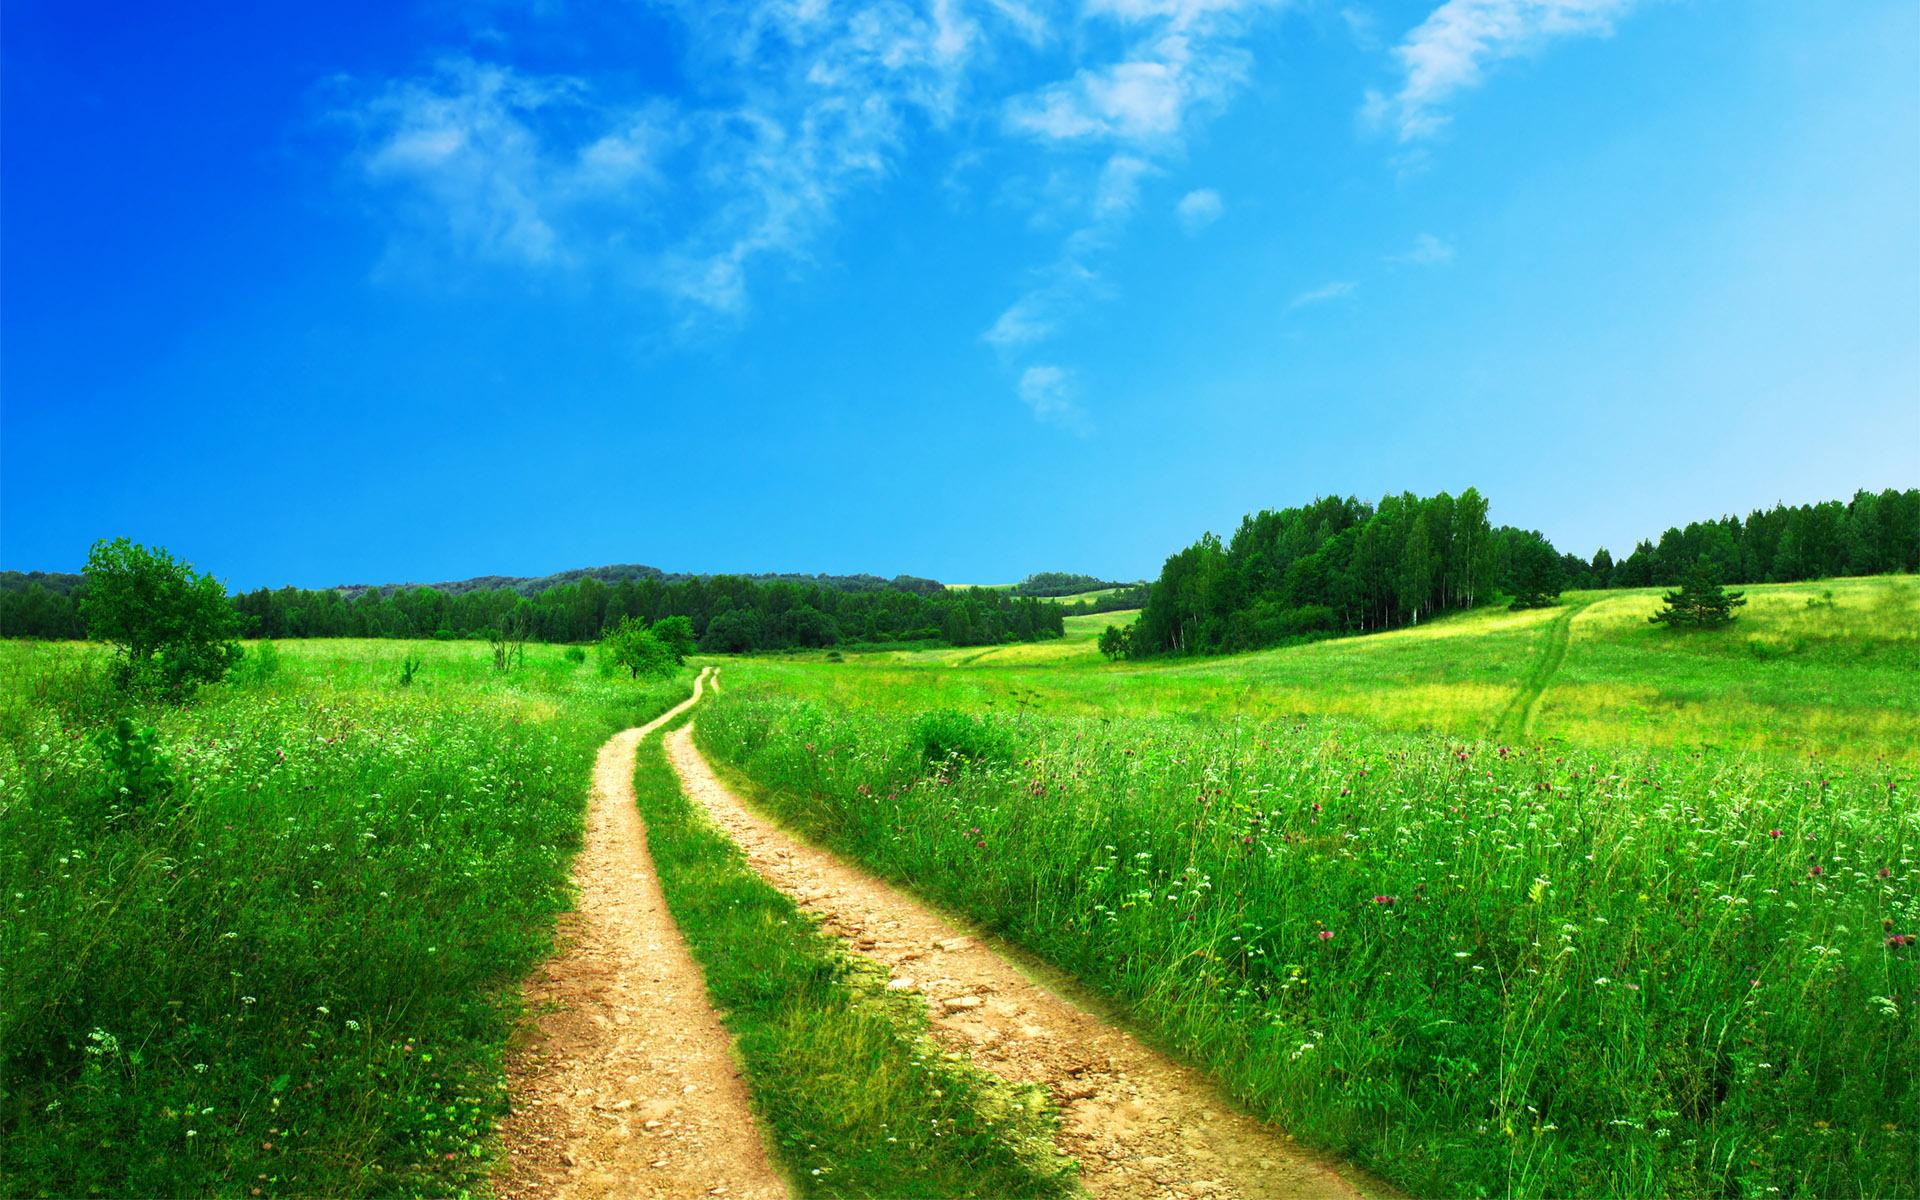 Дорога, трава зеленая, высокая обои на рабочий стол, красивое фото